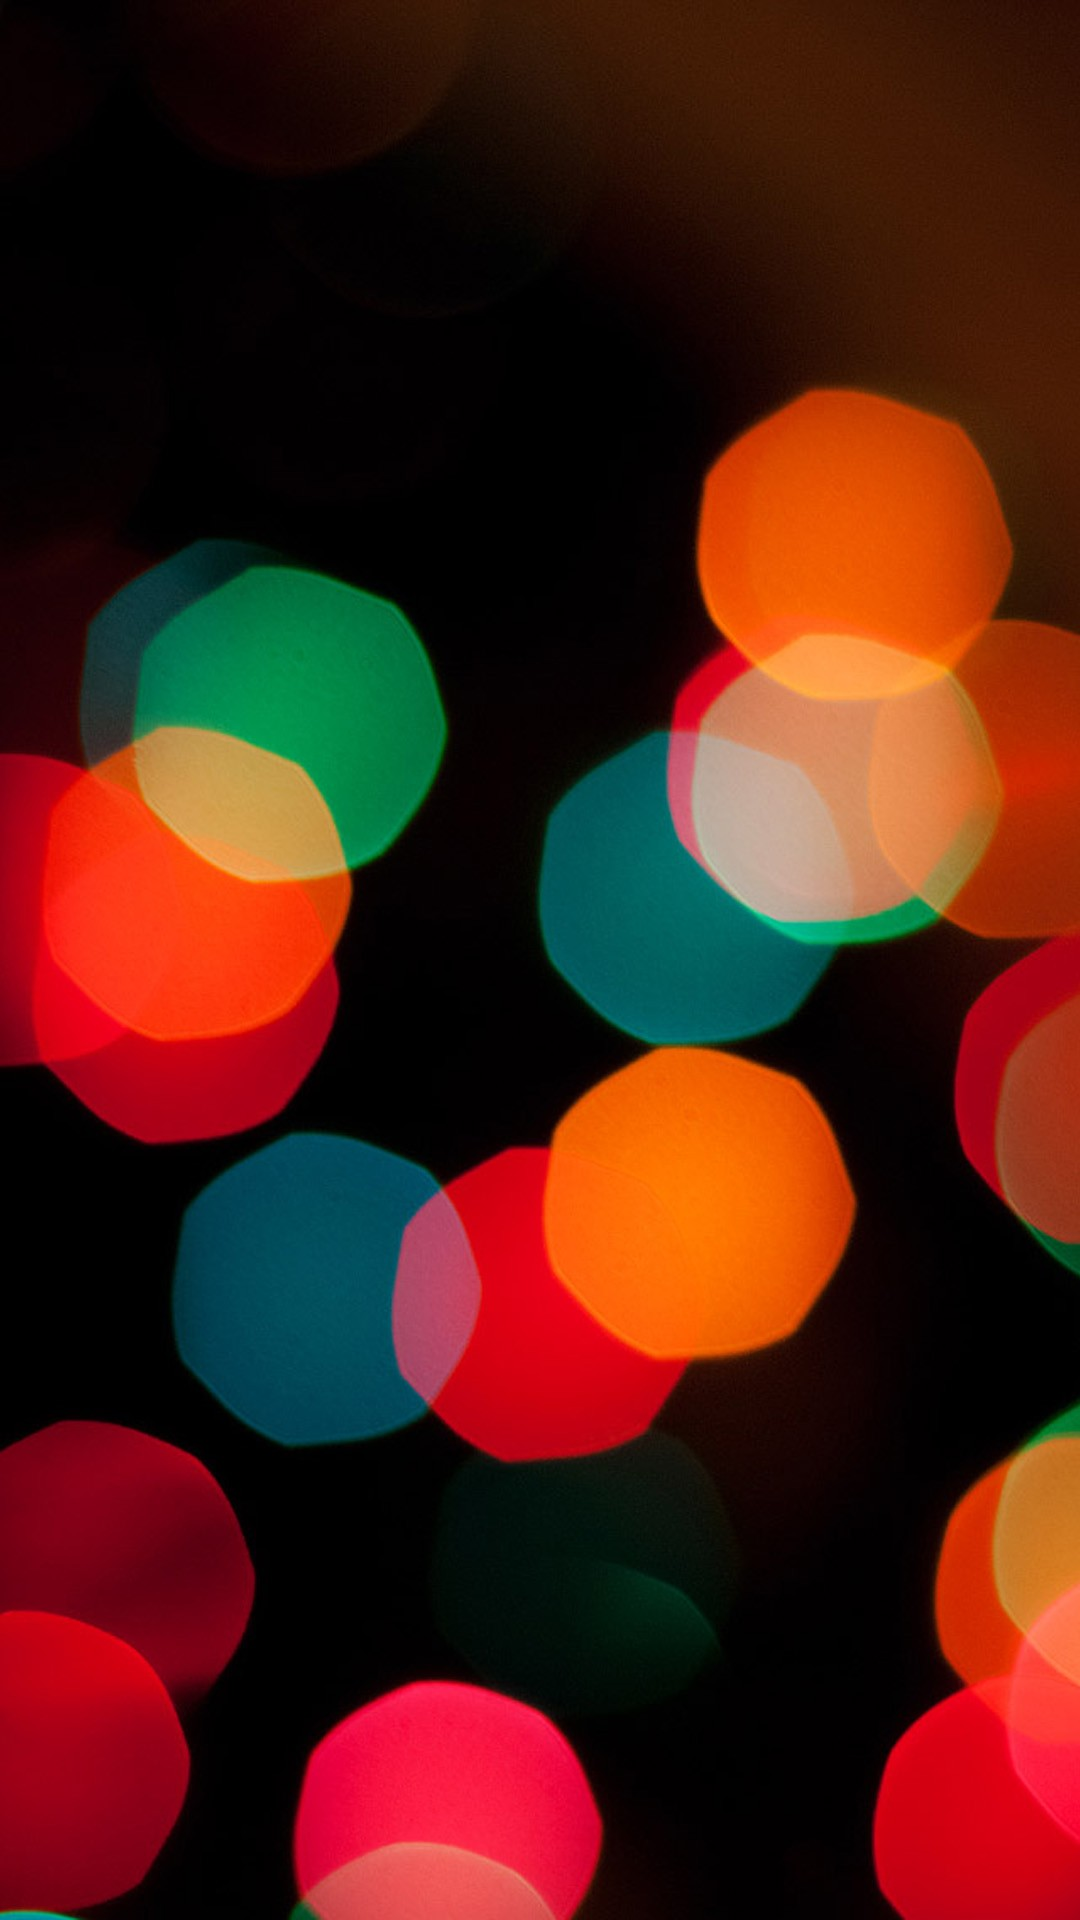 christmas 33 - 50 ảnh nền Giáng Sinh cực dễ thương cho điện thoại